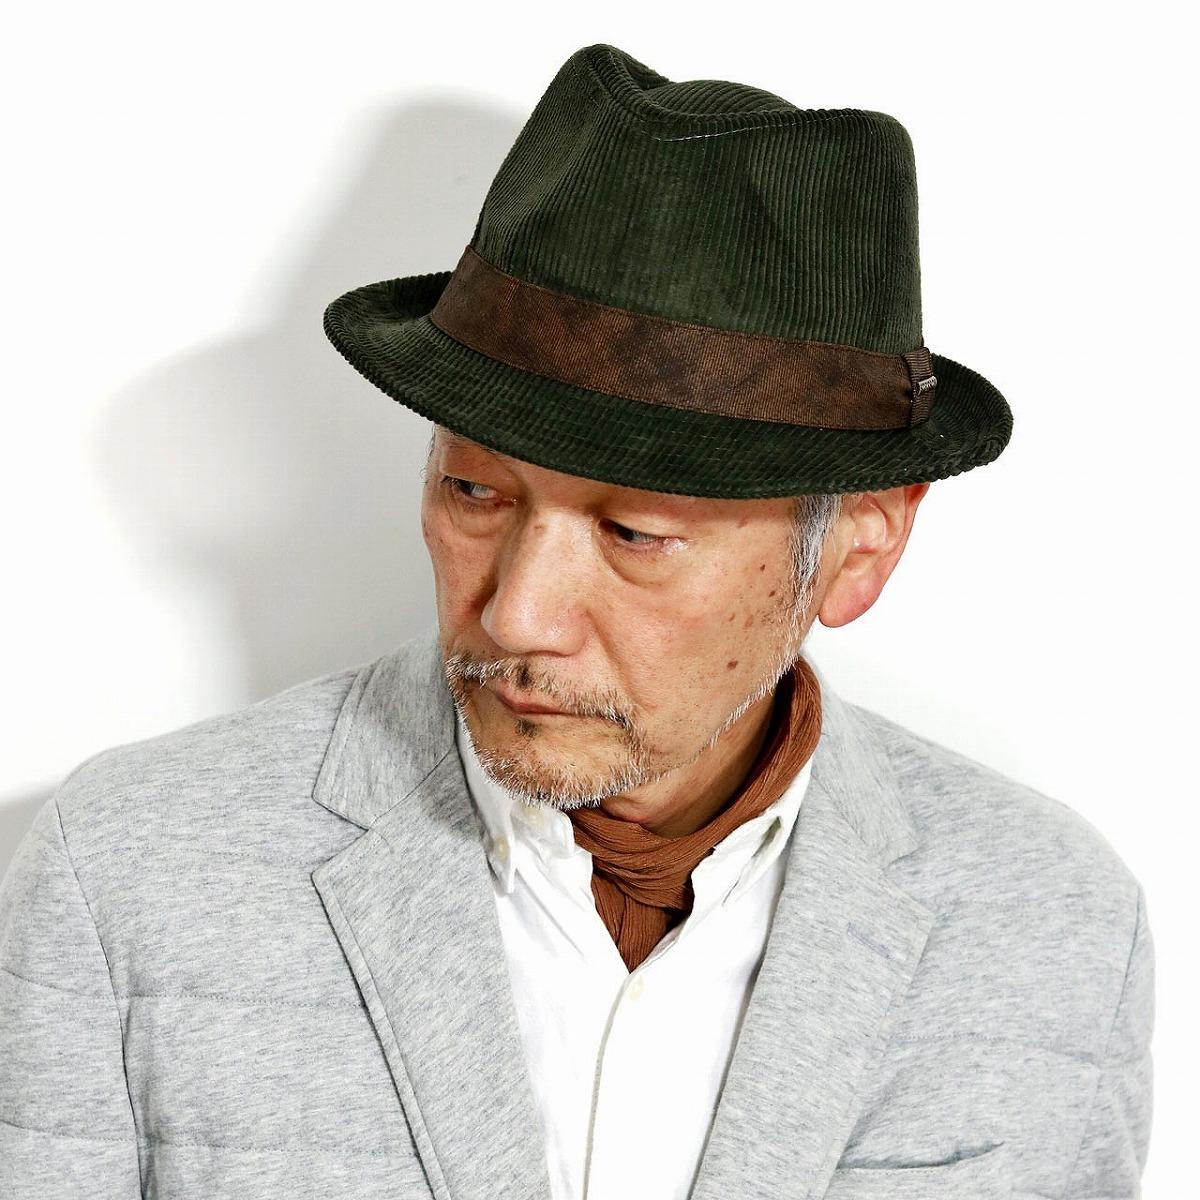 STETSON ハット メンズ コーデュロイ 中折れハット 紳士帽 渋い ハット メンズ 帽子 防寒 オリーブ[ fedora ]男性 プレゼント 帽子通販 父の日 贈り物 ラッピング無料